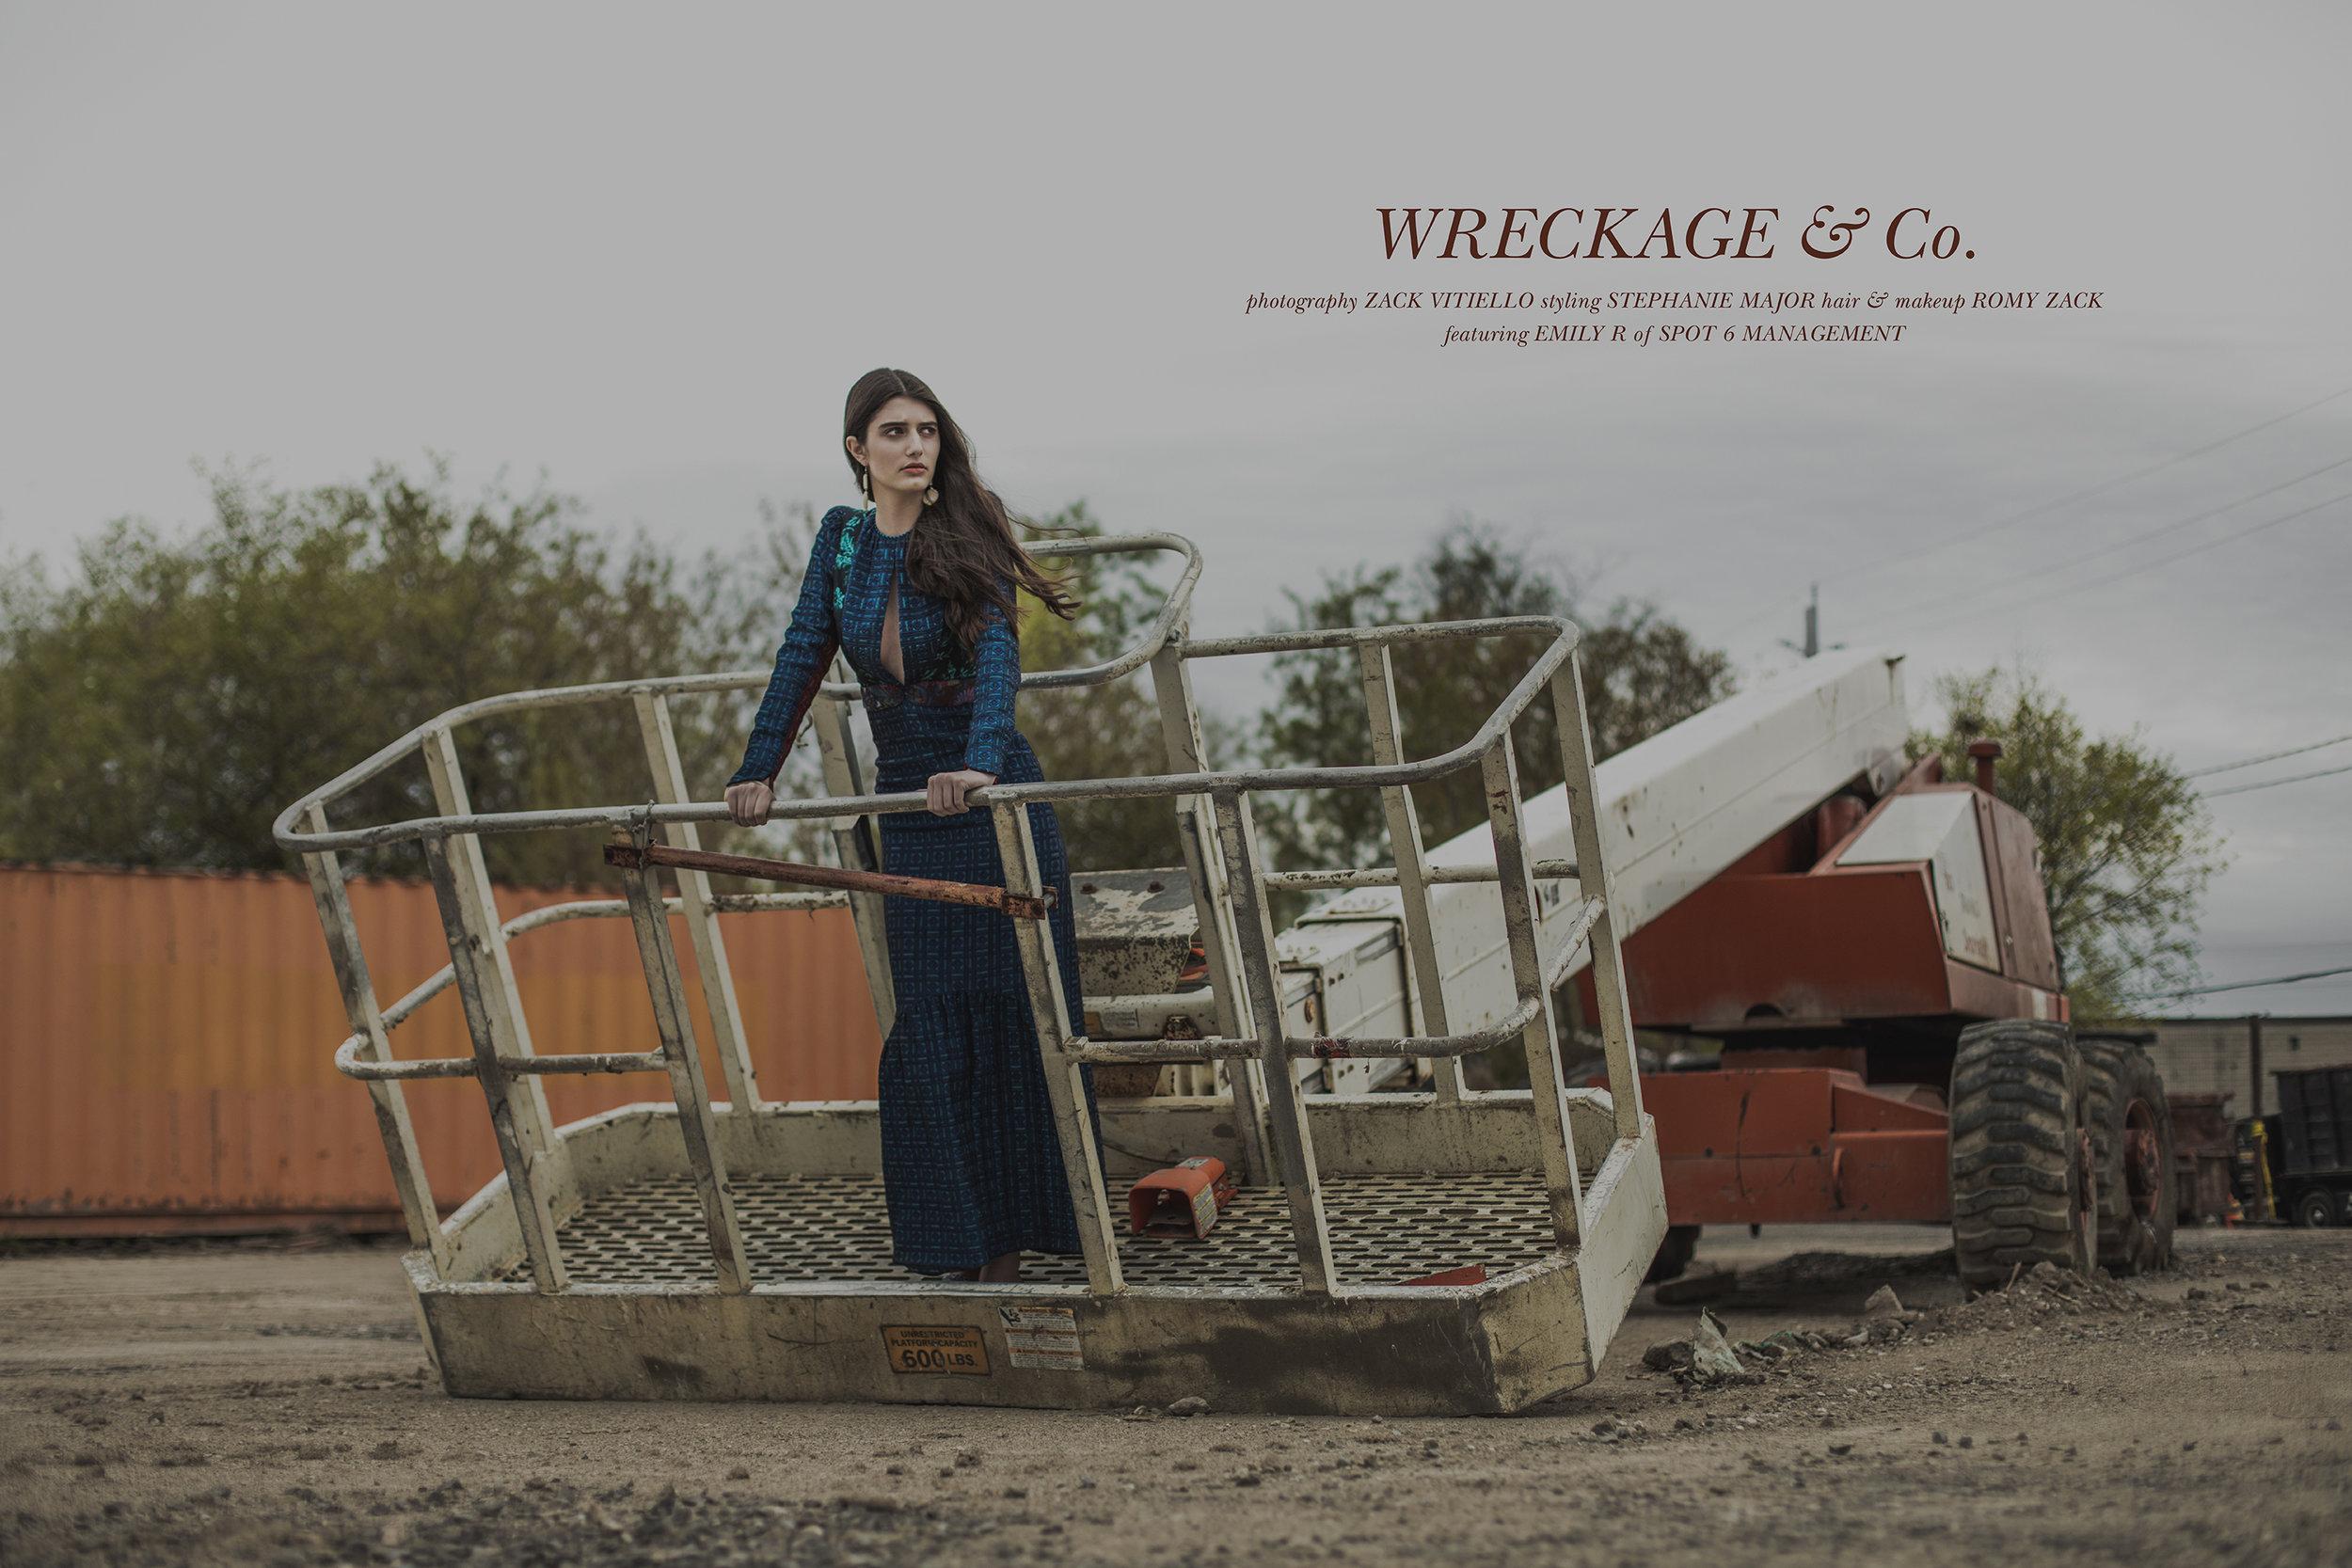 Wreckage&Co-Editorial-ZackVitiello.jpg